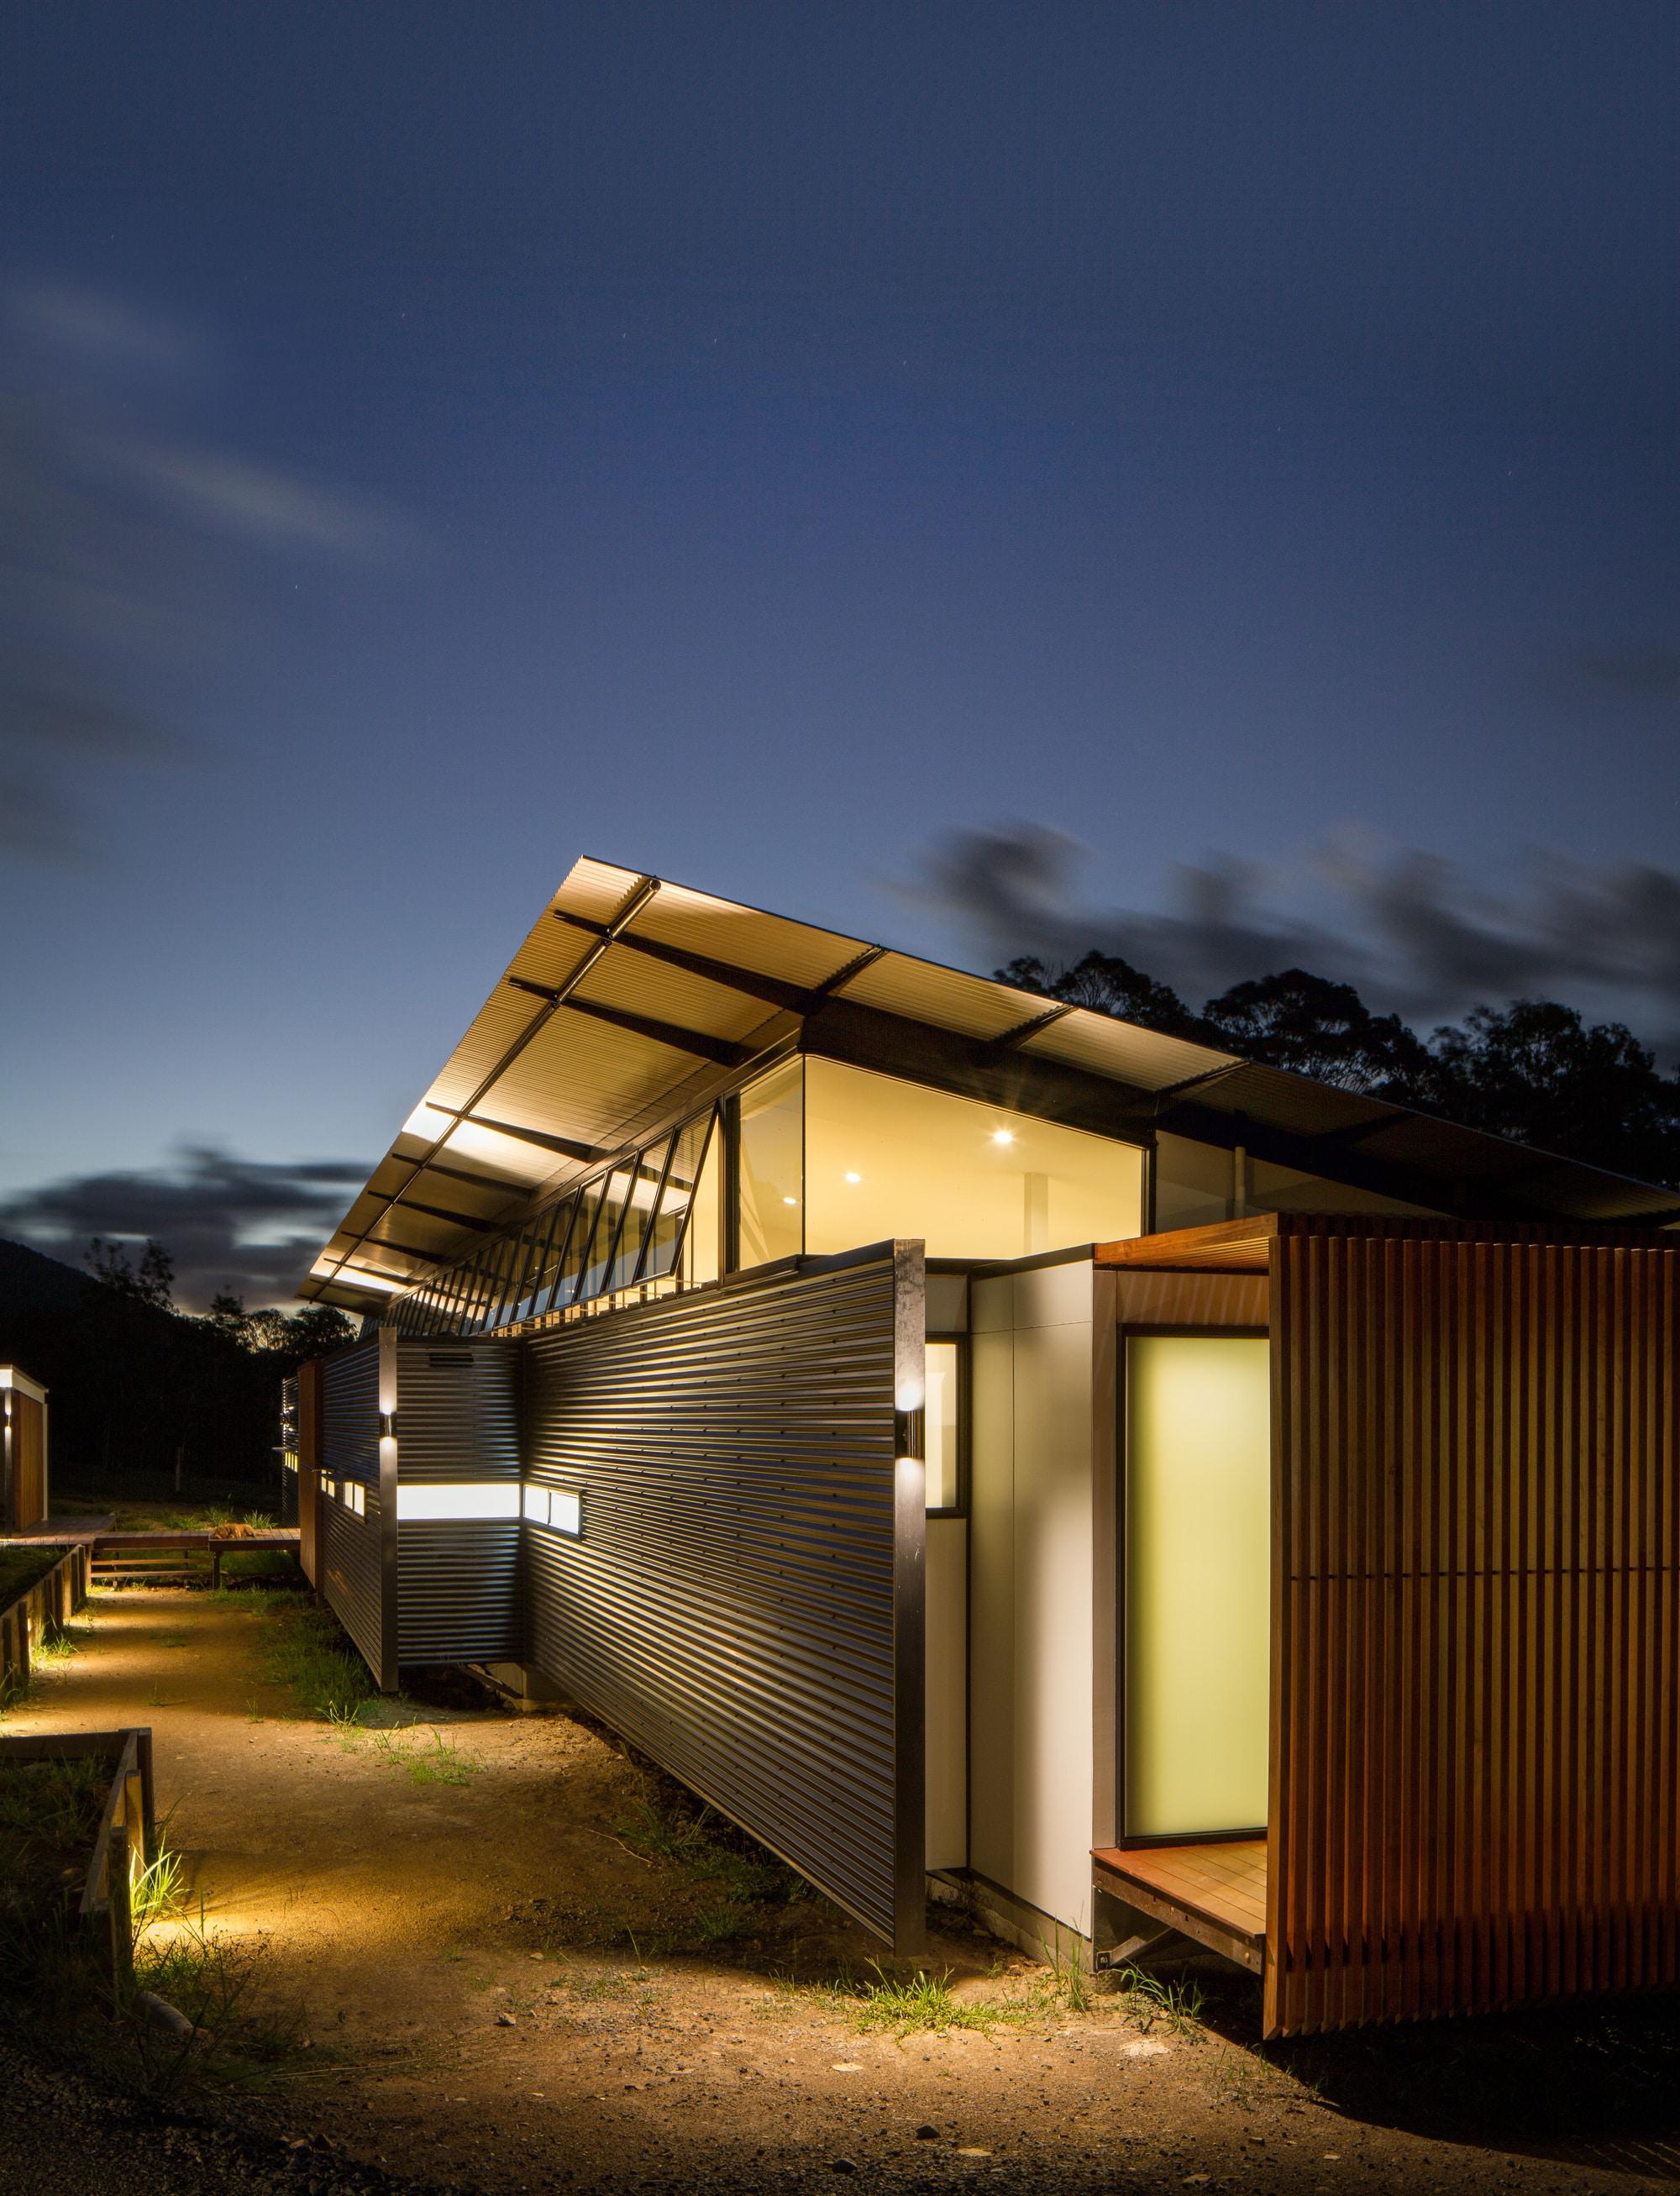 Iluminacion exterior moderna